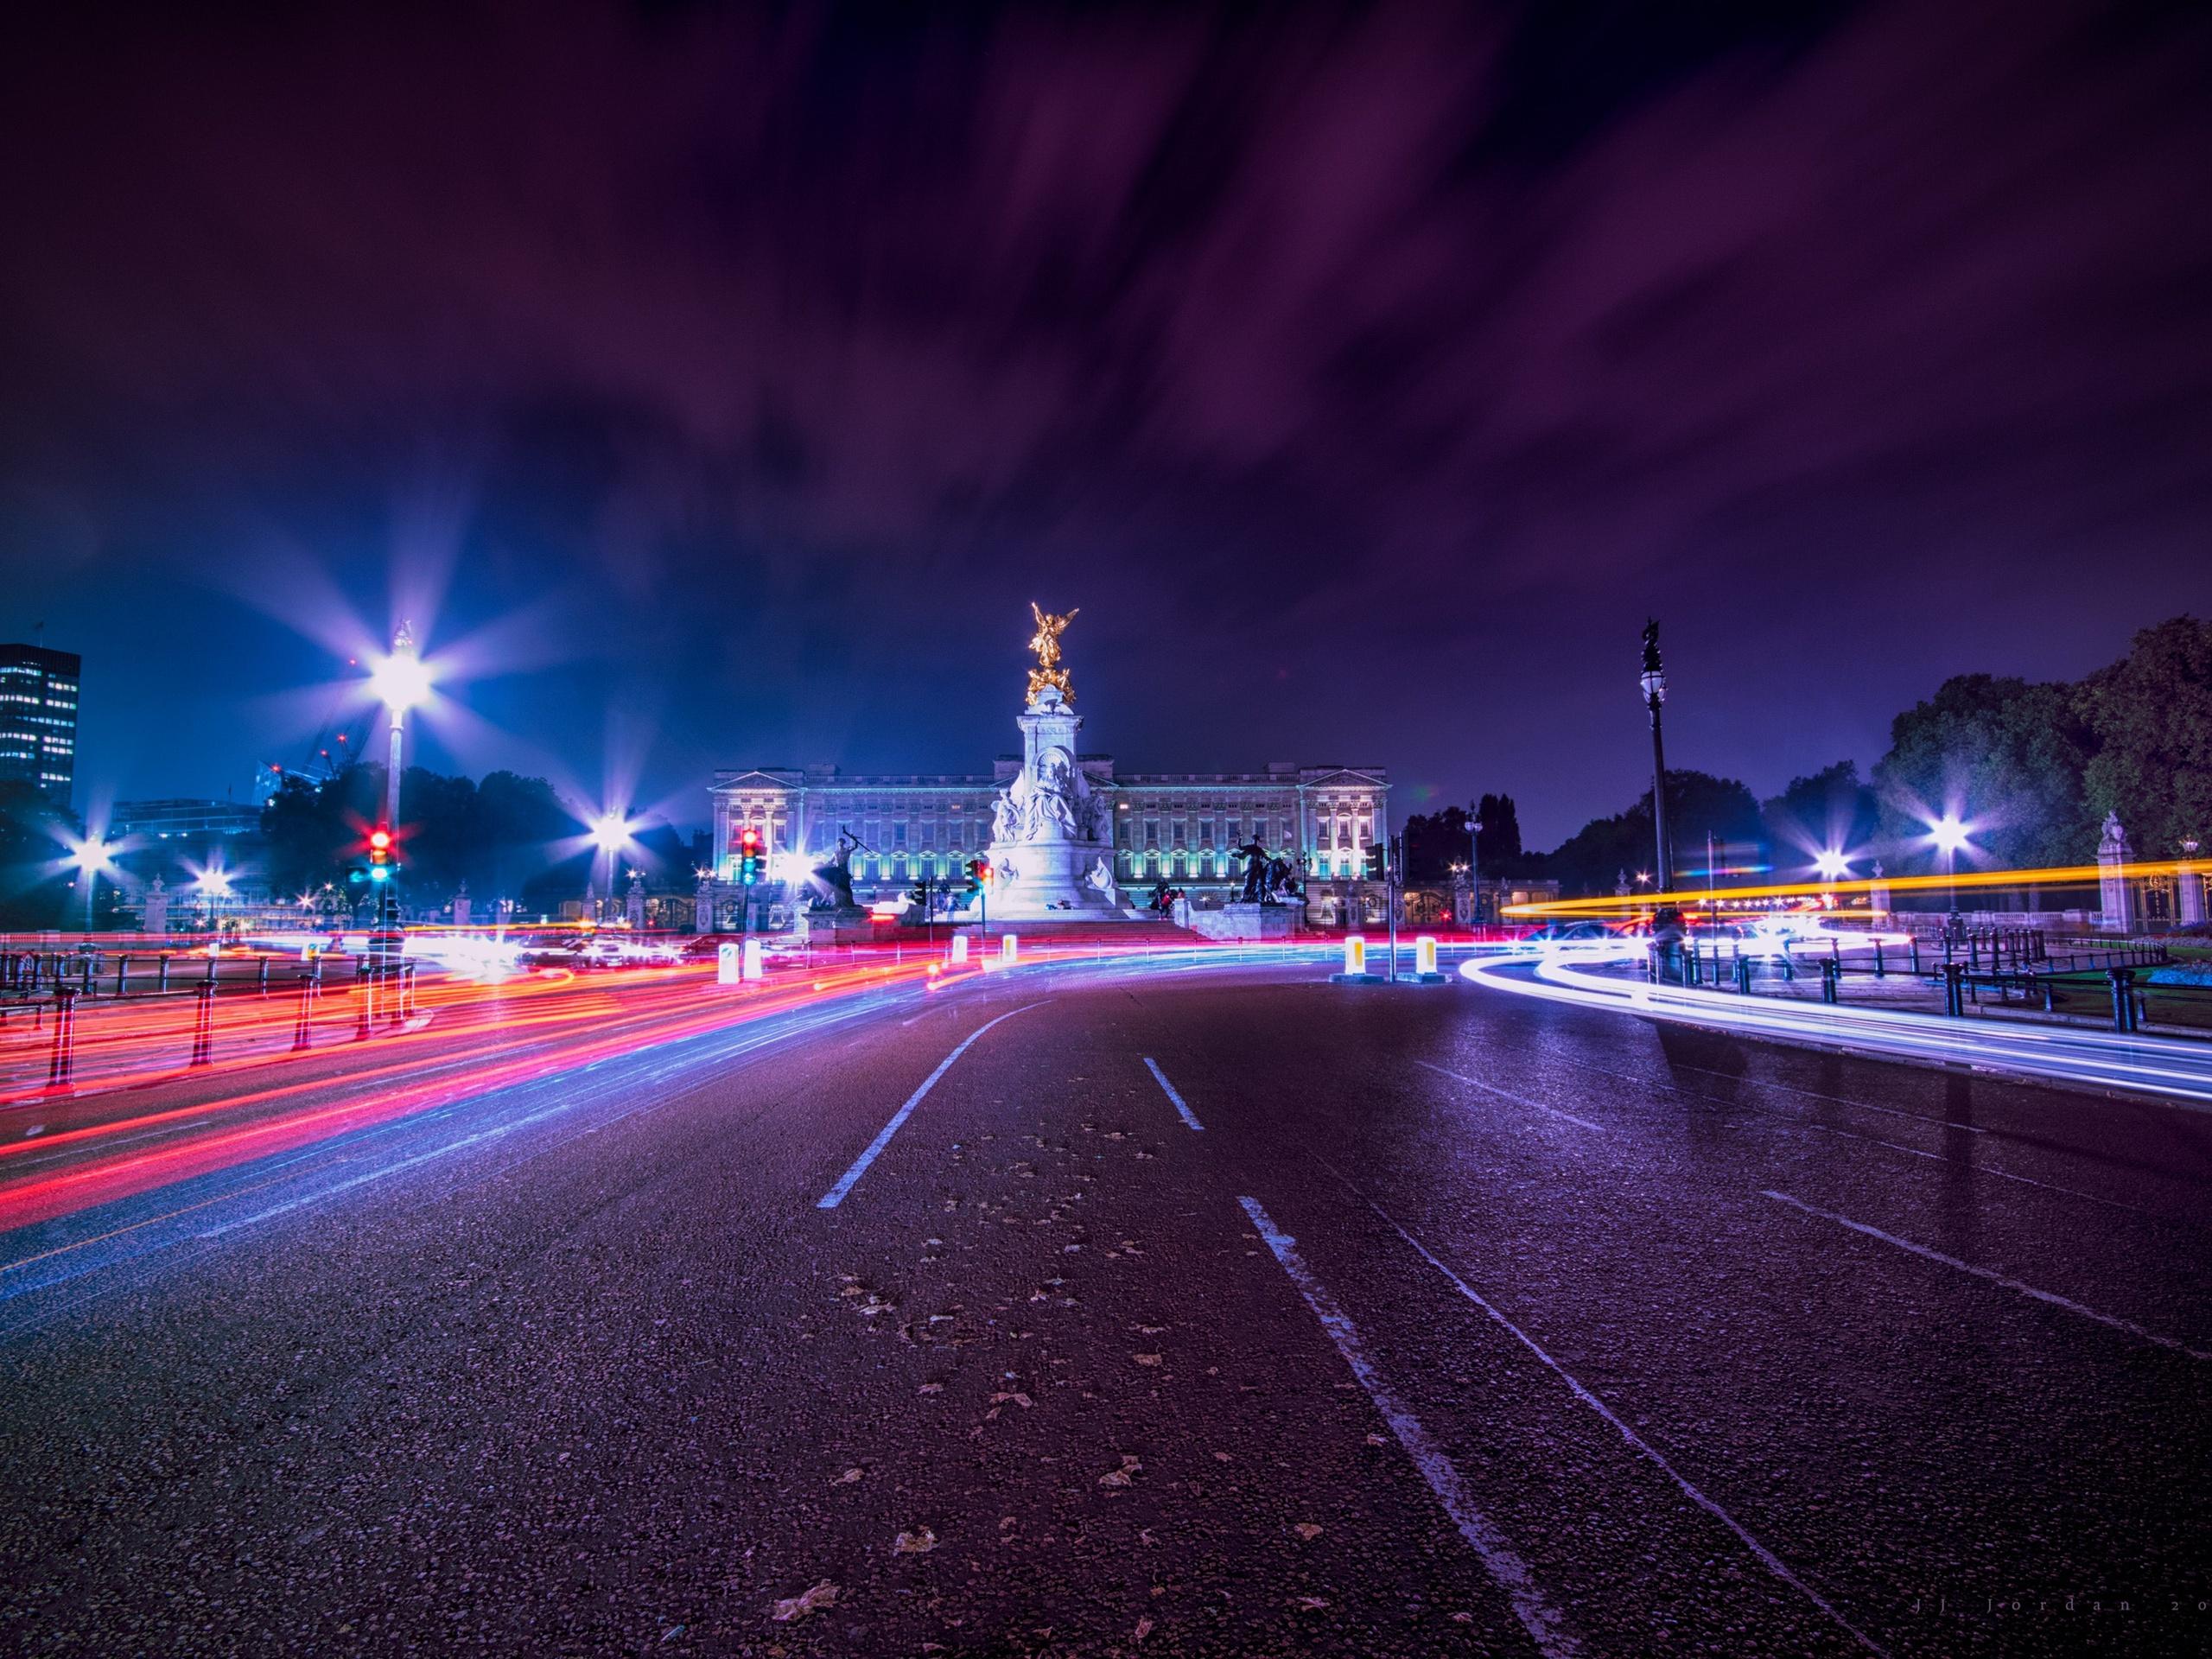 Картинка ночной дороги в городе